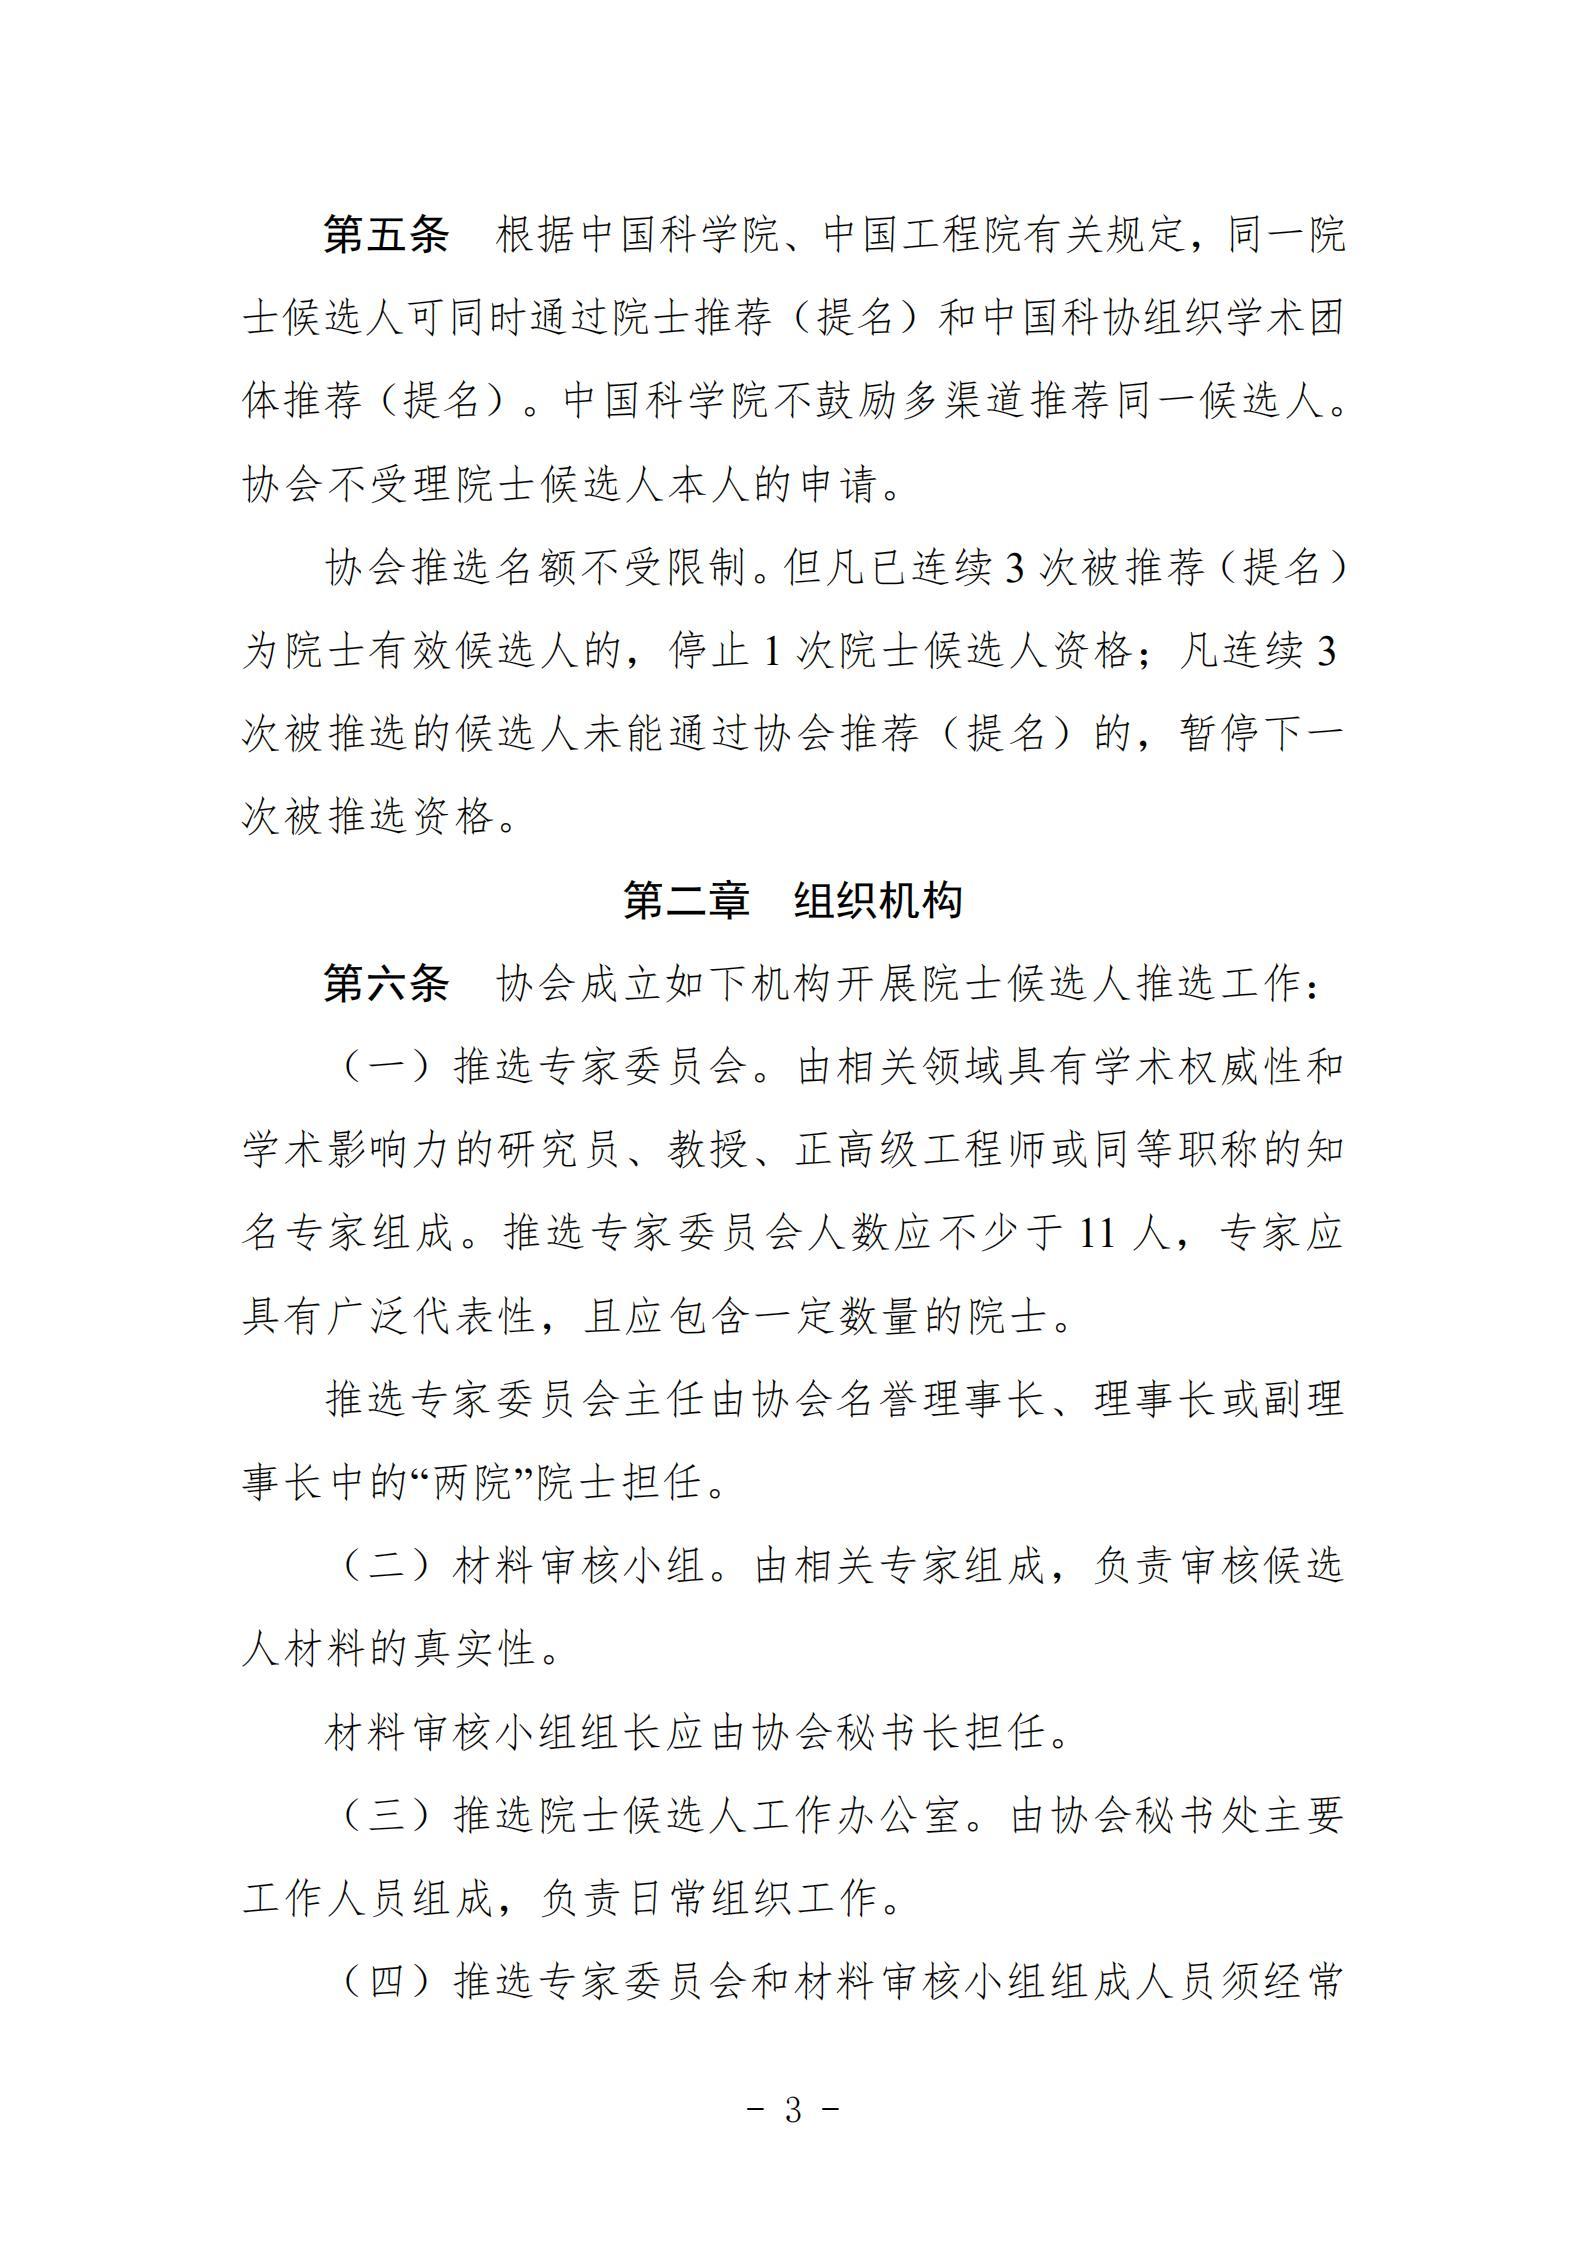 中國遙感應用協會關于組織推選2021年中國科學院和中國工程院院士候選人的通知_08.jpg